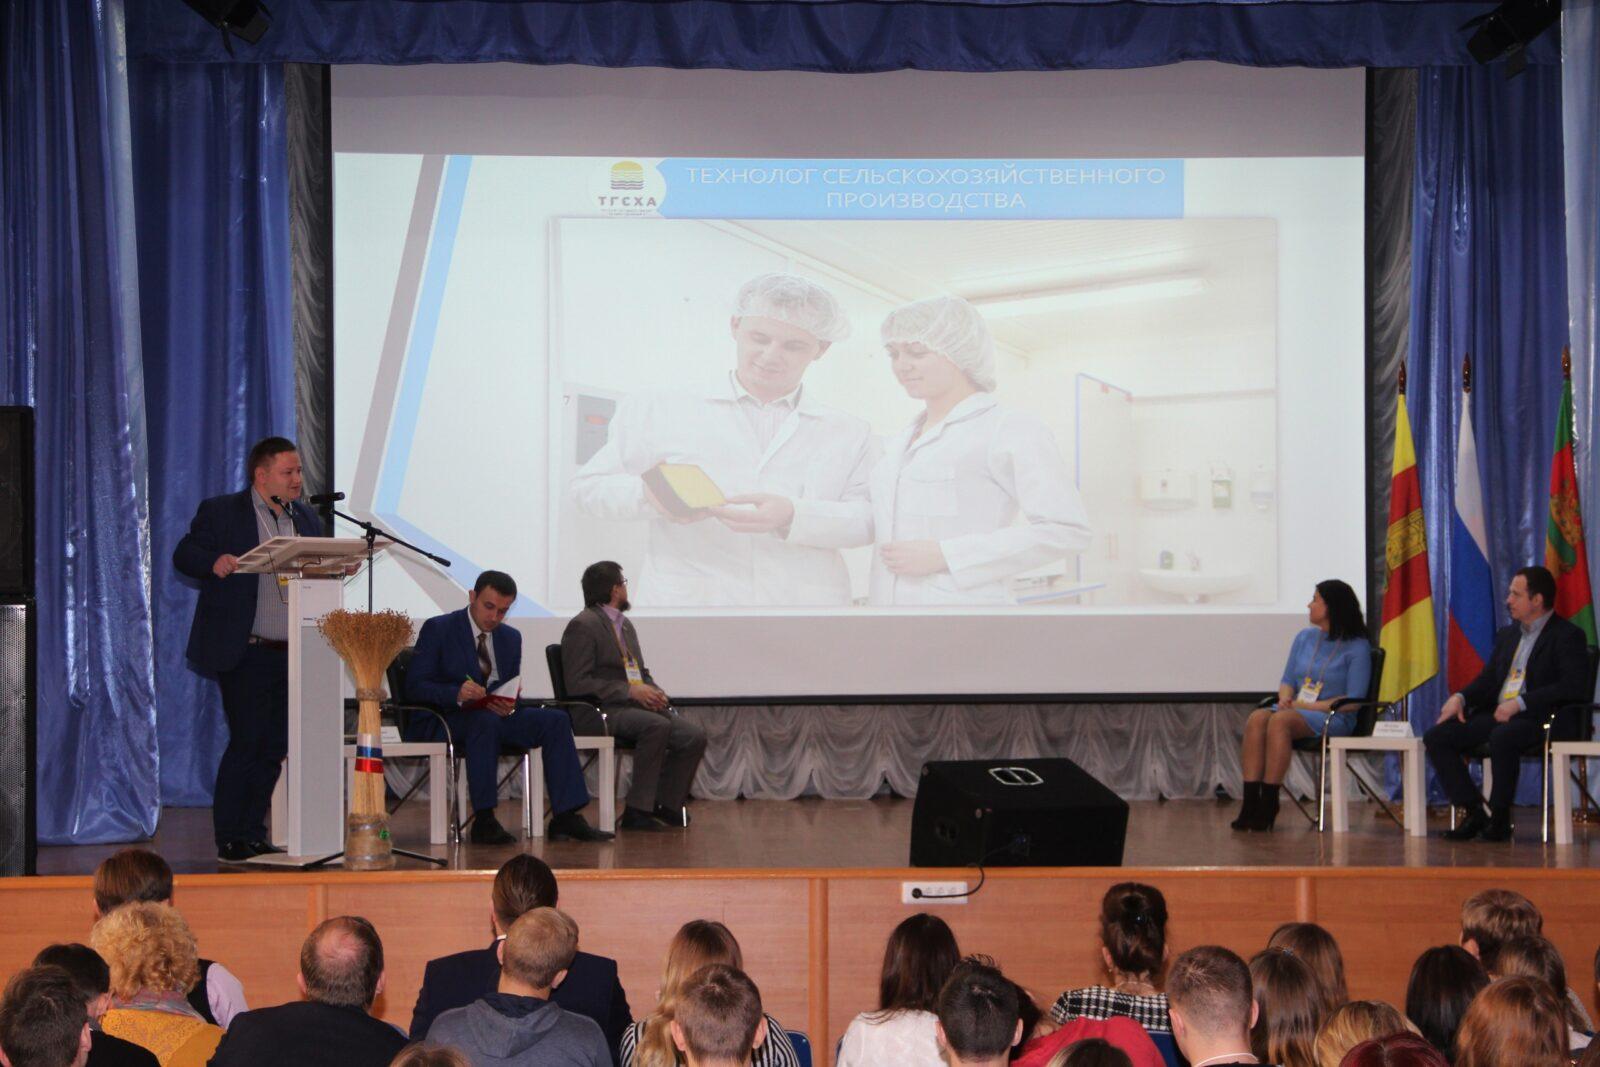 Сельская молодёжь ЦФО представила бизнес-проекты по сельскому хозяйству в Тверской области